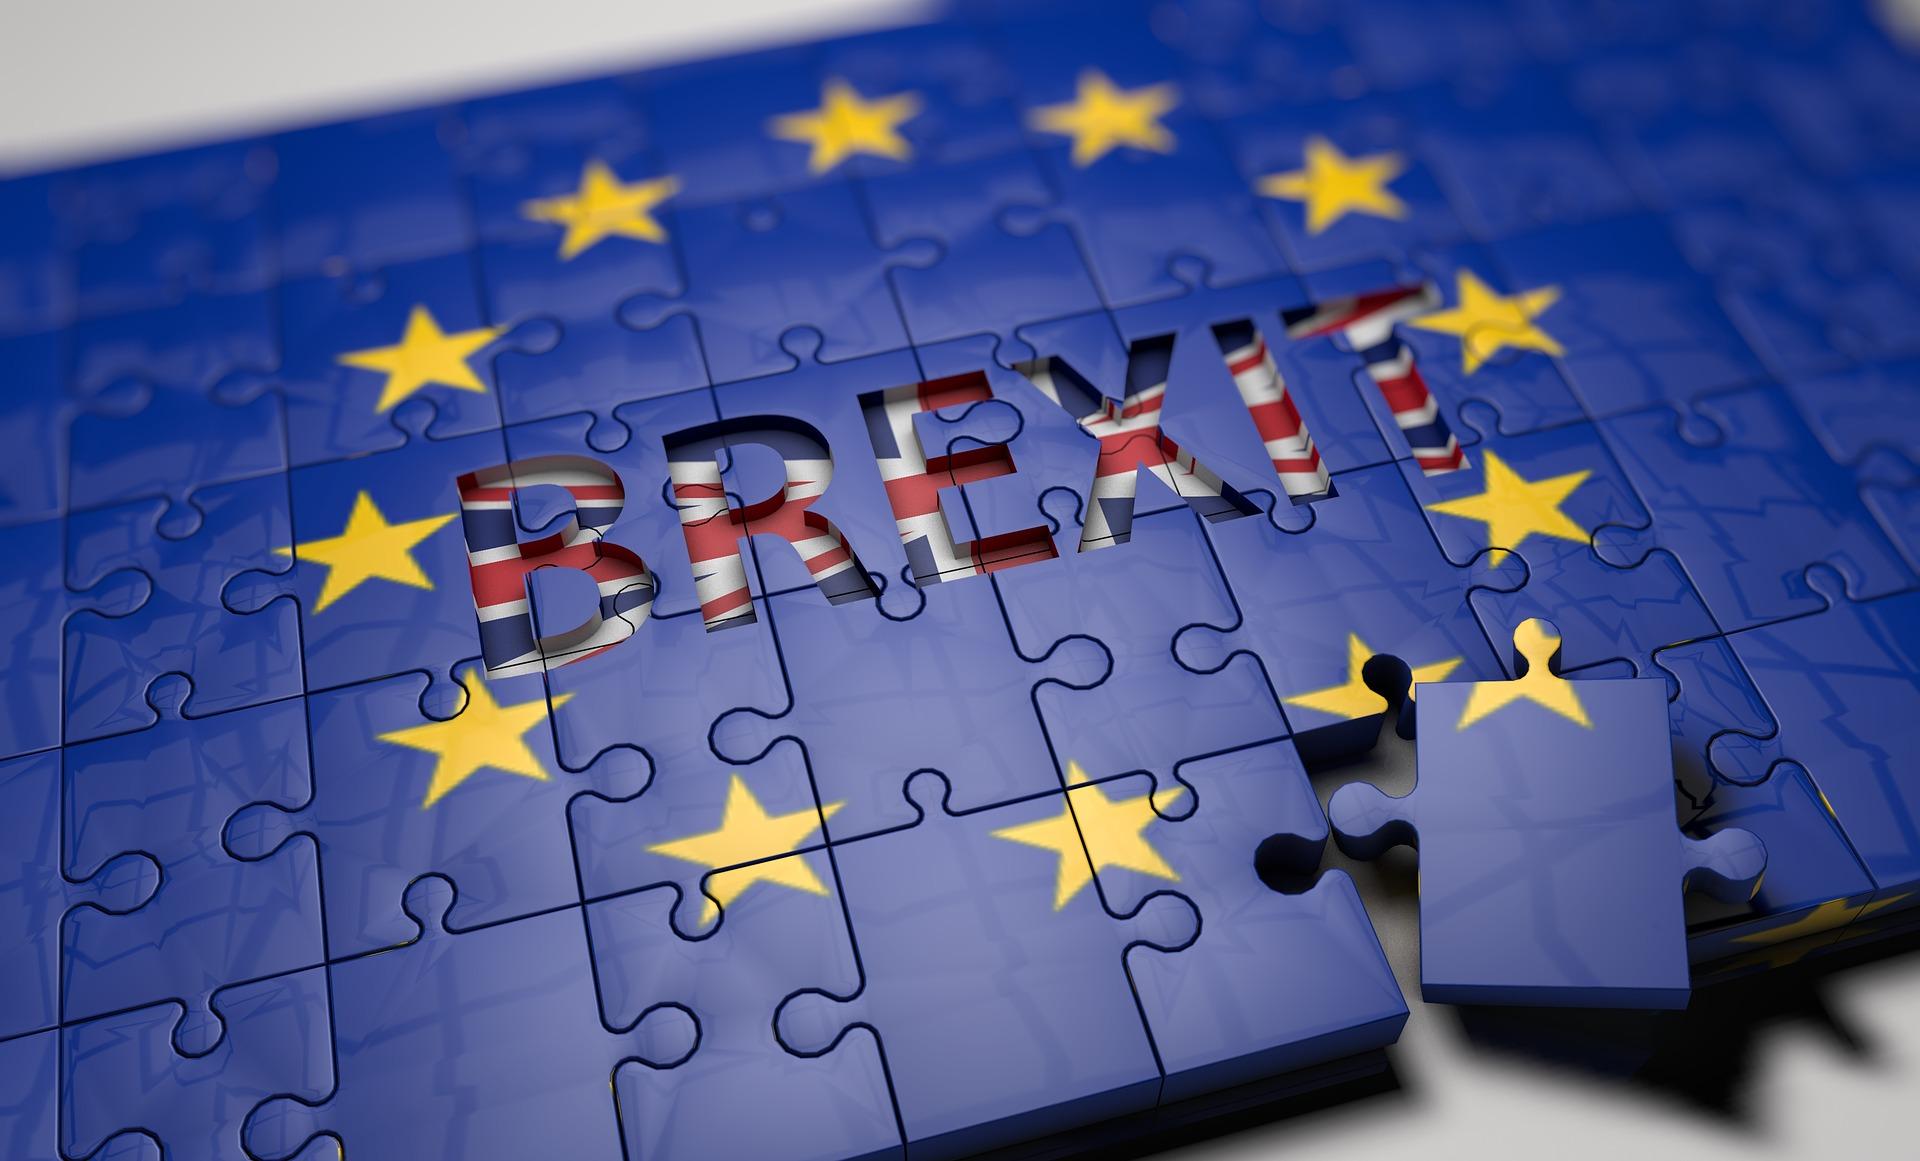 Brexit: comment affecte-t-il l'économie européenne?